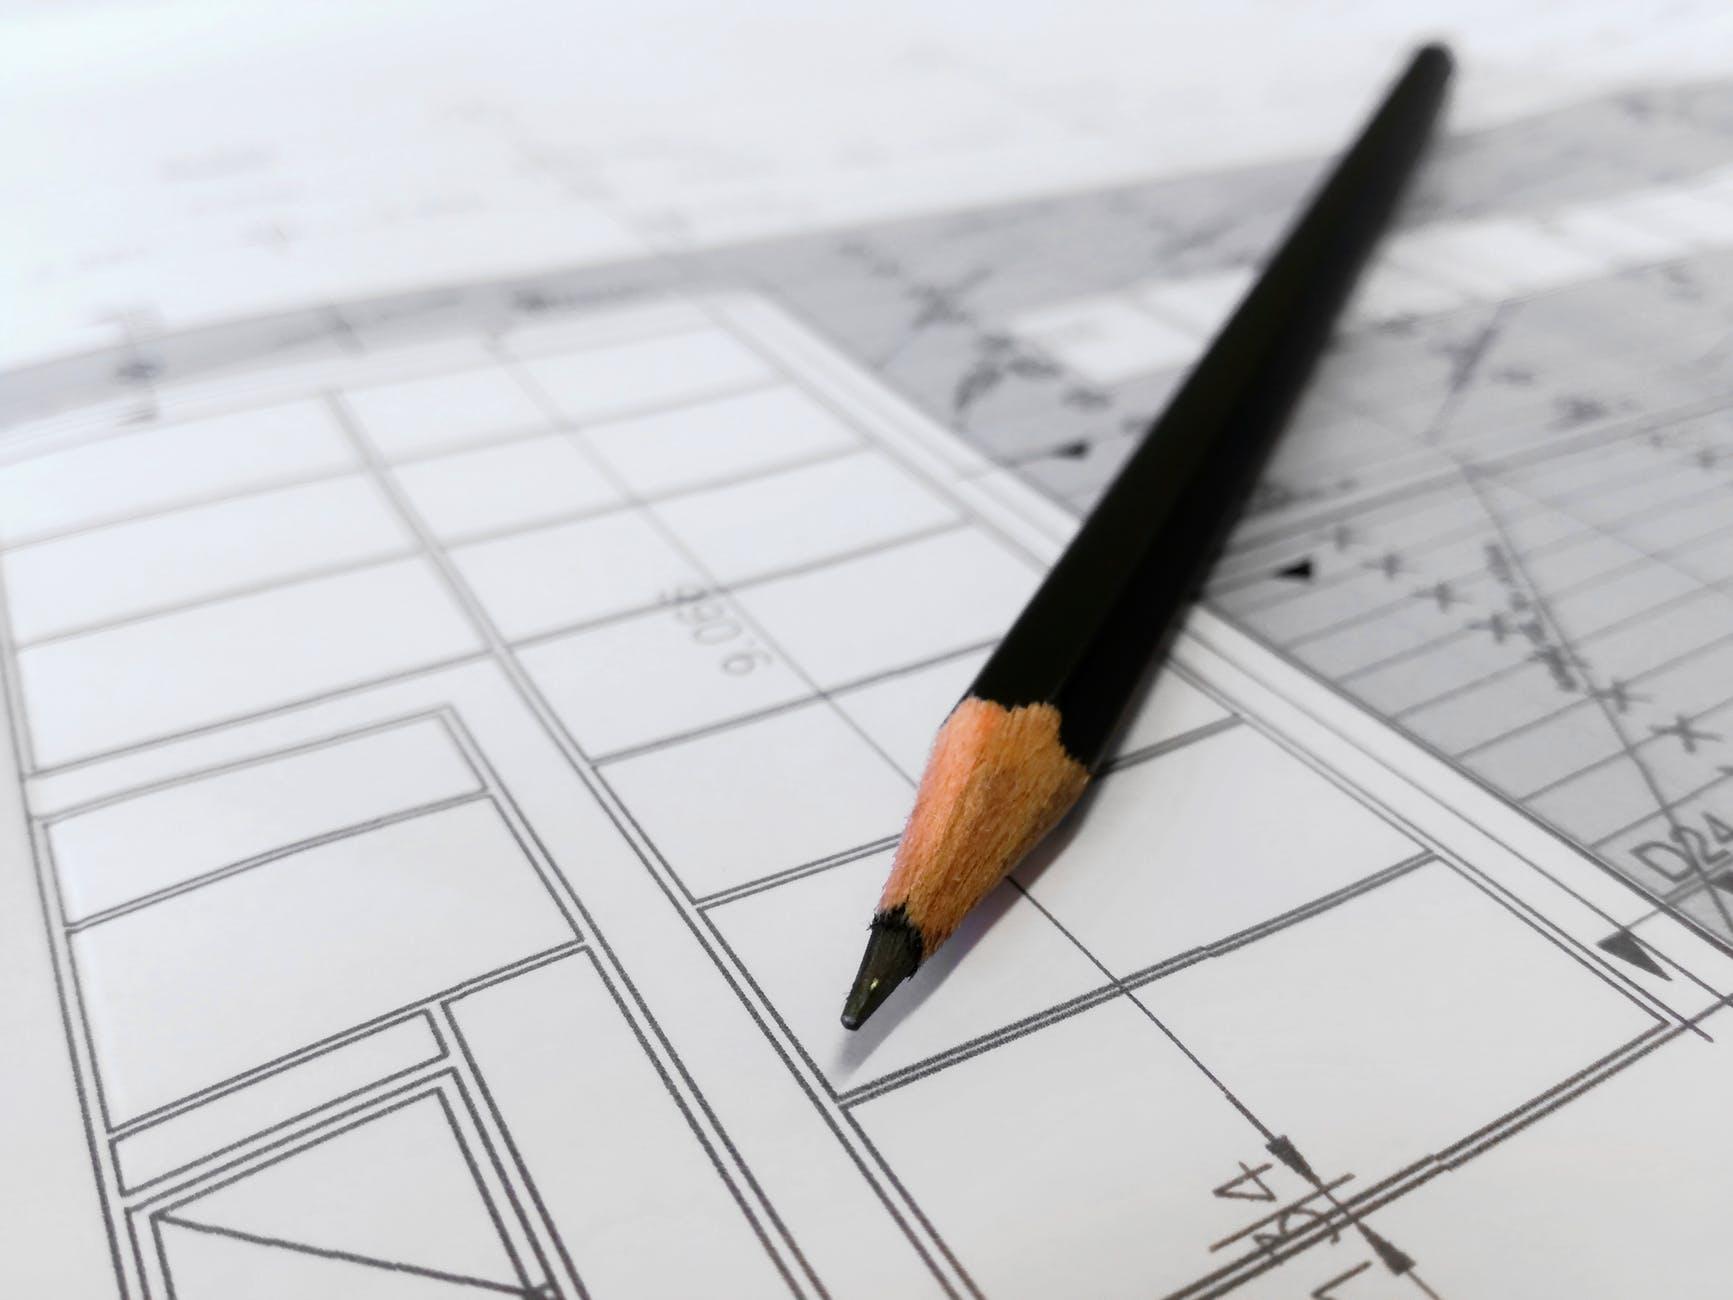 architect architecture artist blur